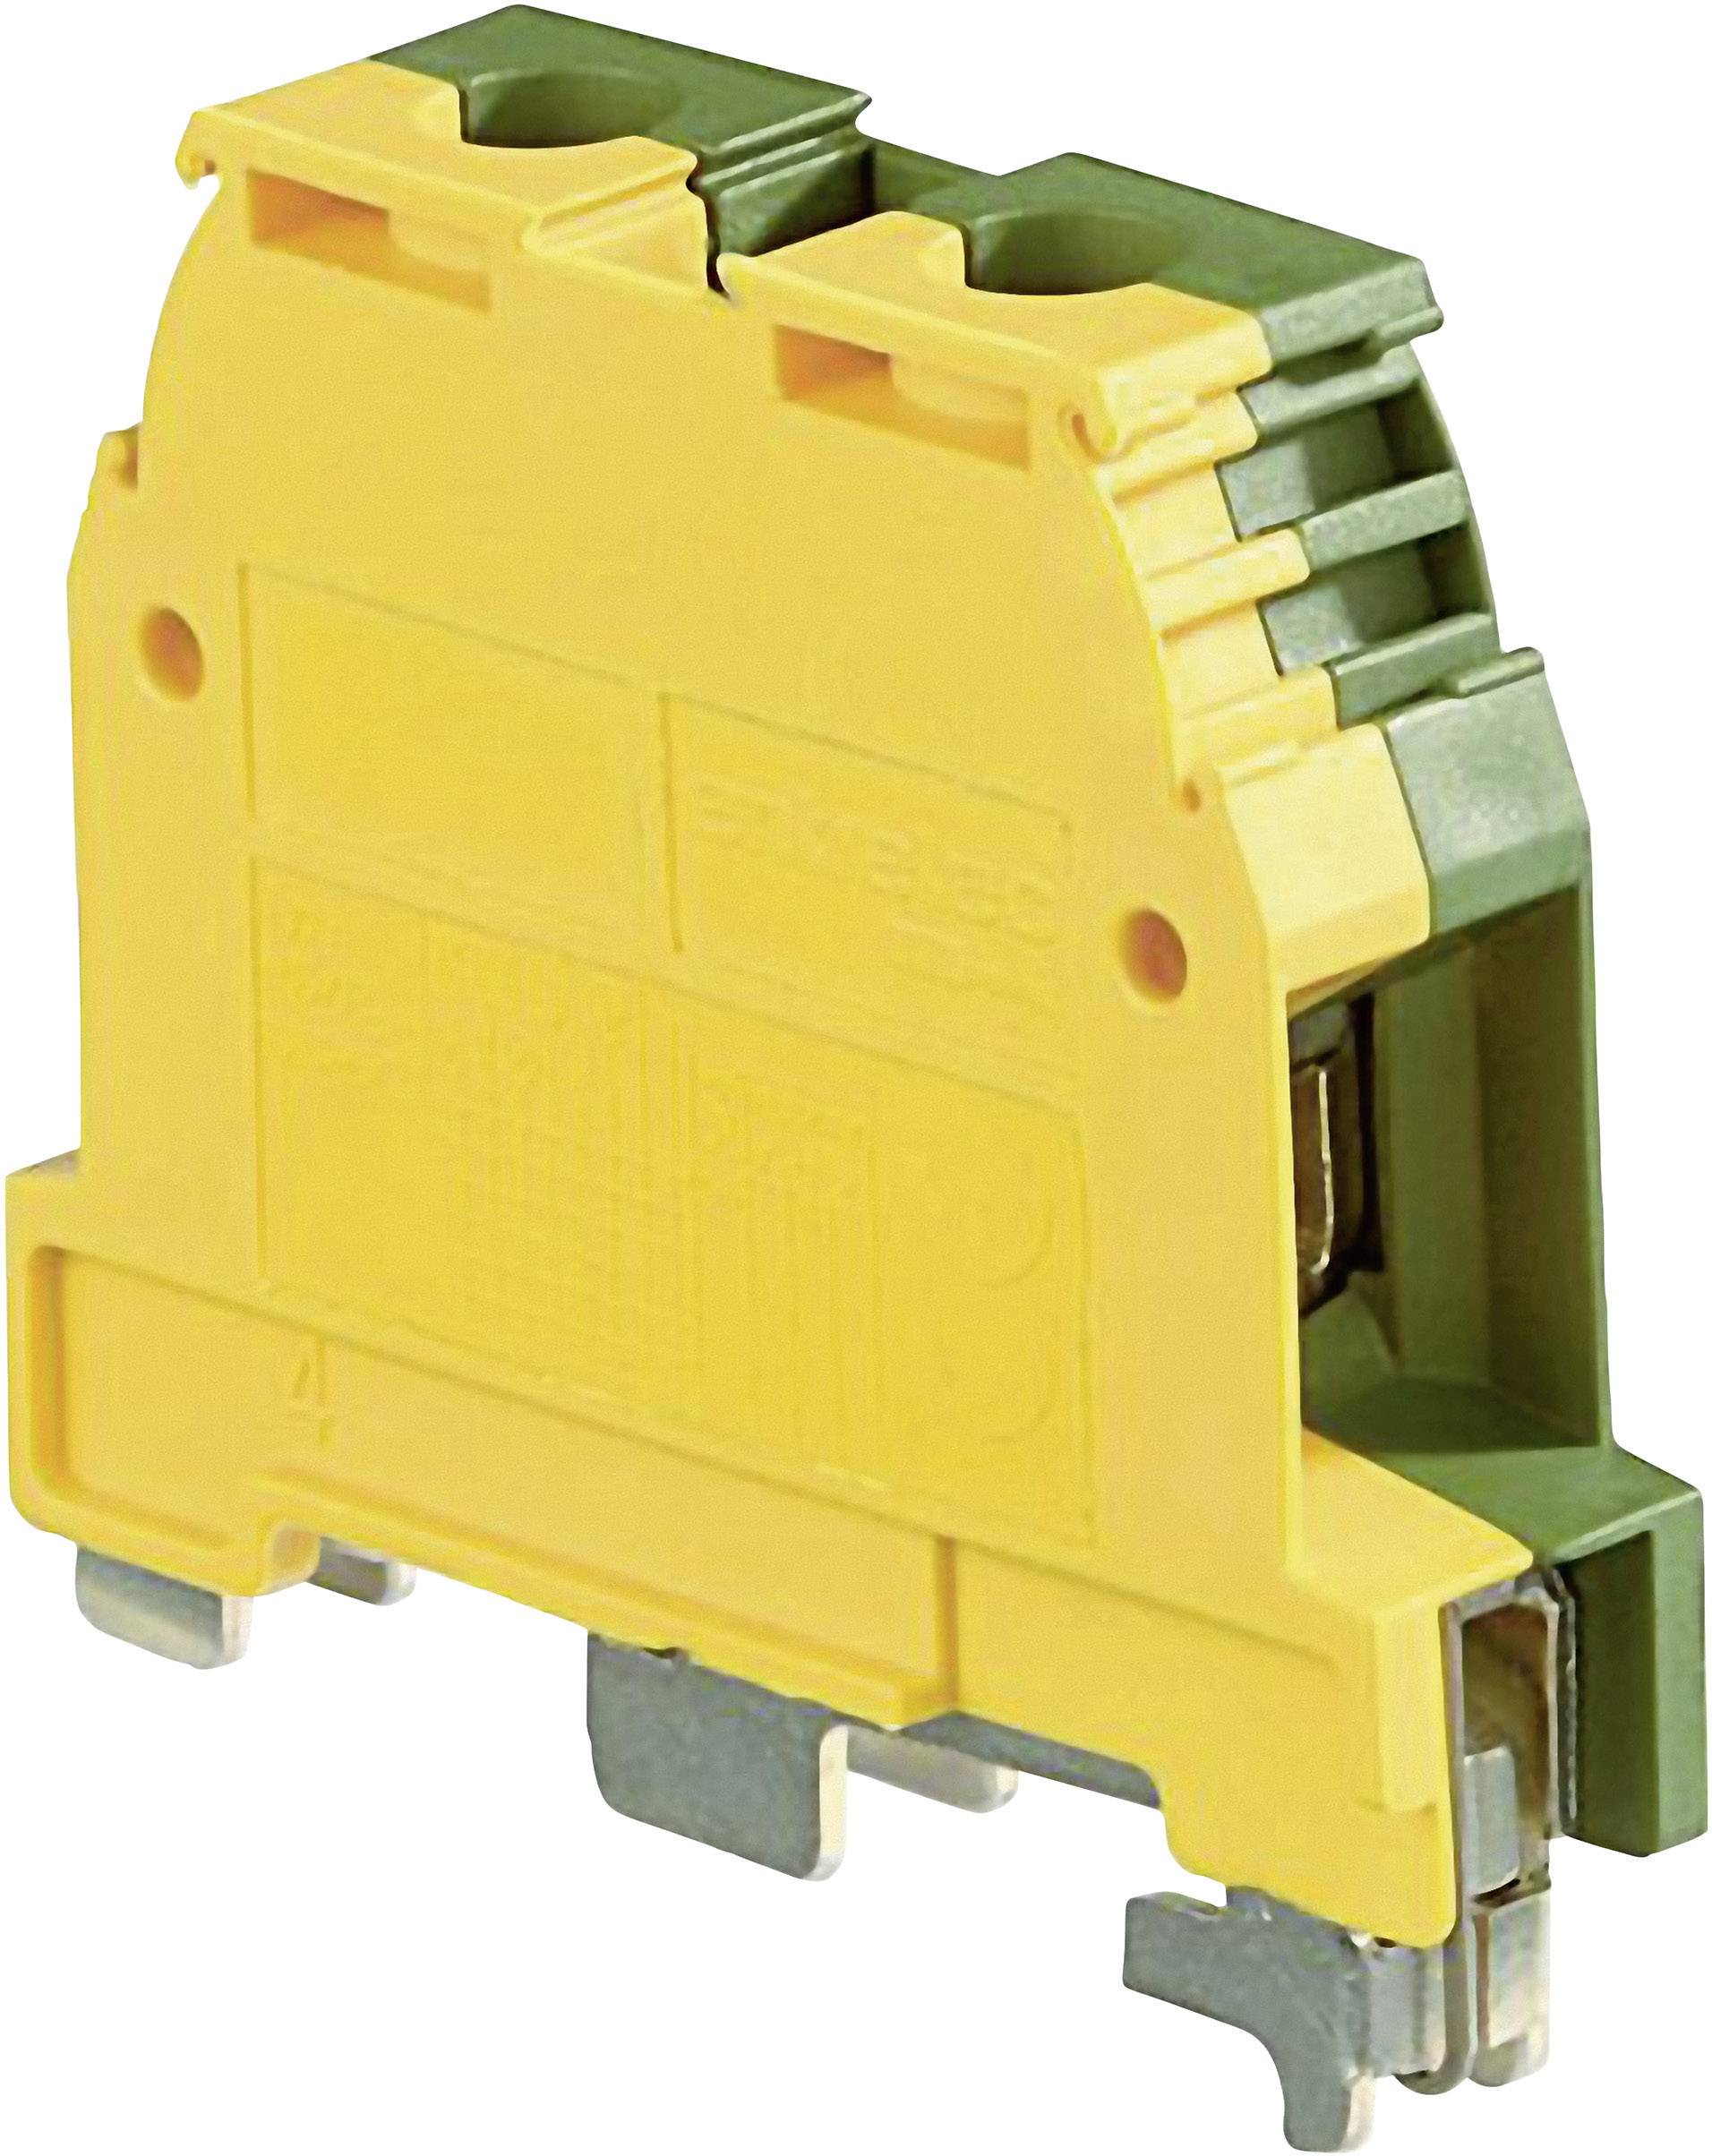 Svorka ochranného vodiče ABB 1SNA 165 130 R2300, 12 mm, šroubovací, osazení Terre, zelenožlutá, 1 ks